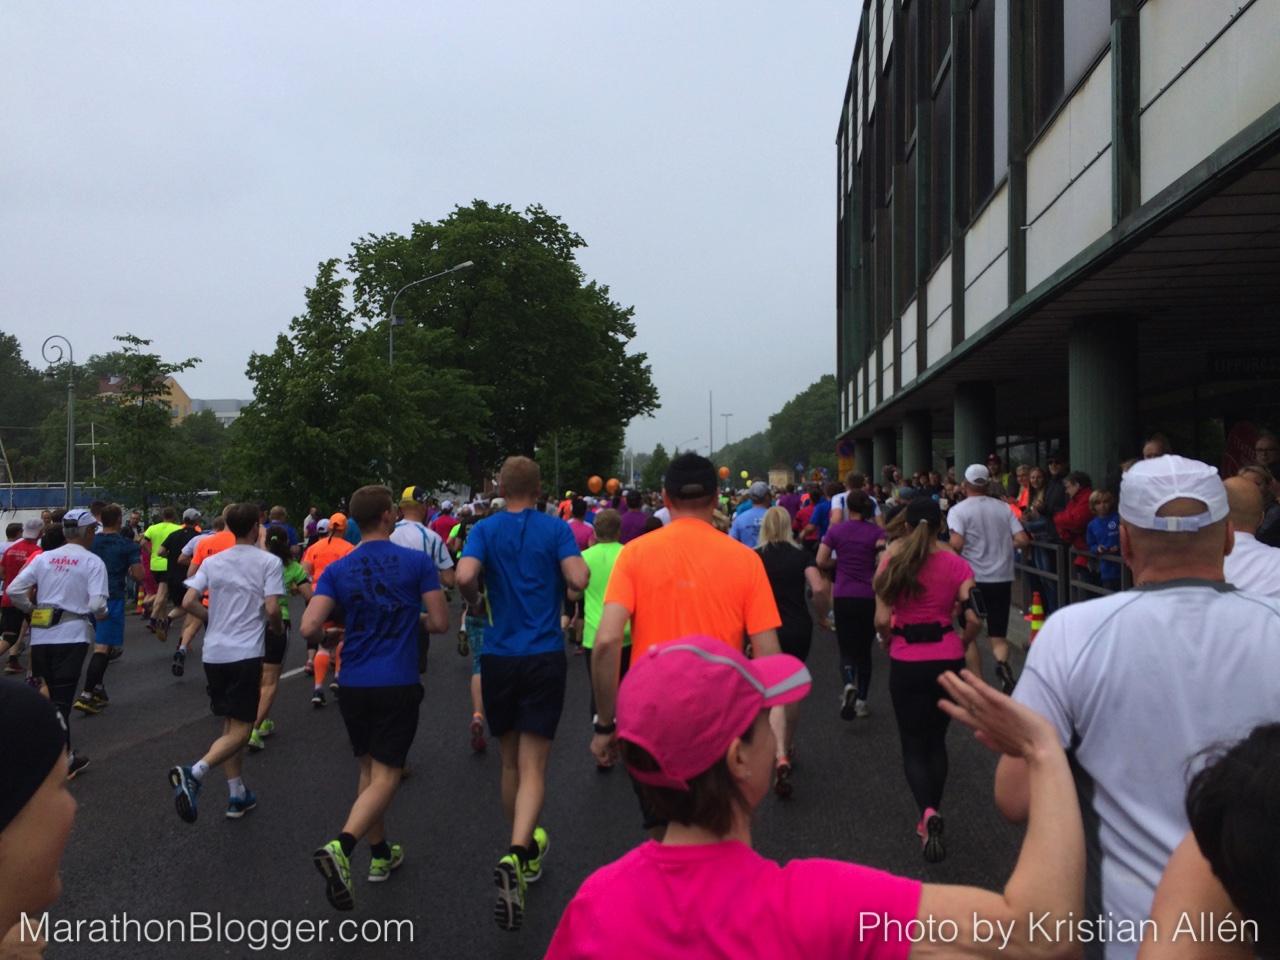 27.6.2015 21.14 km in Paavo Nurmi Marathon